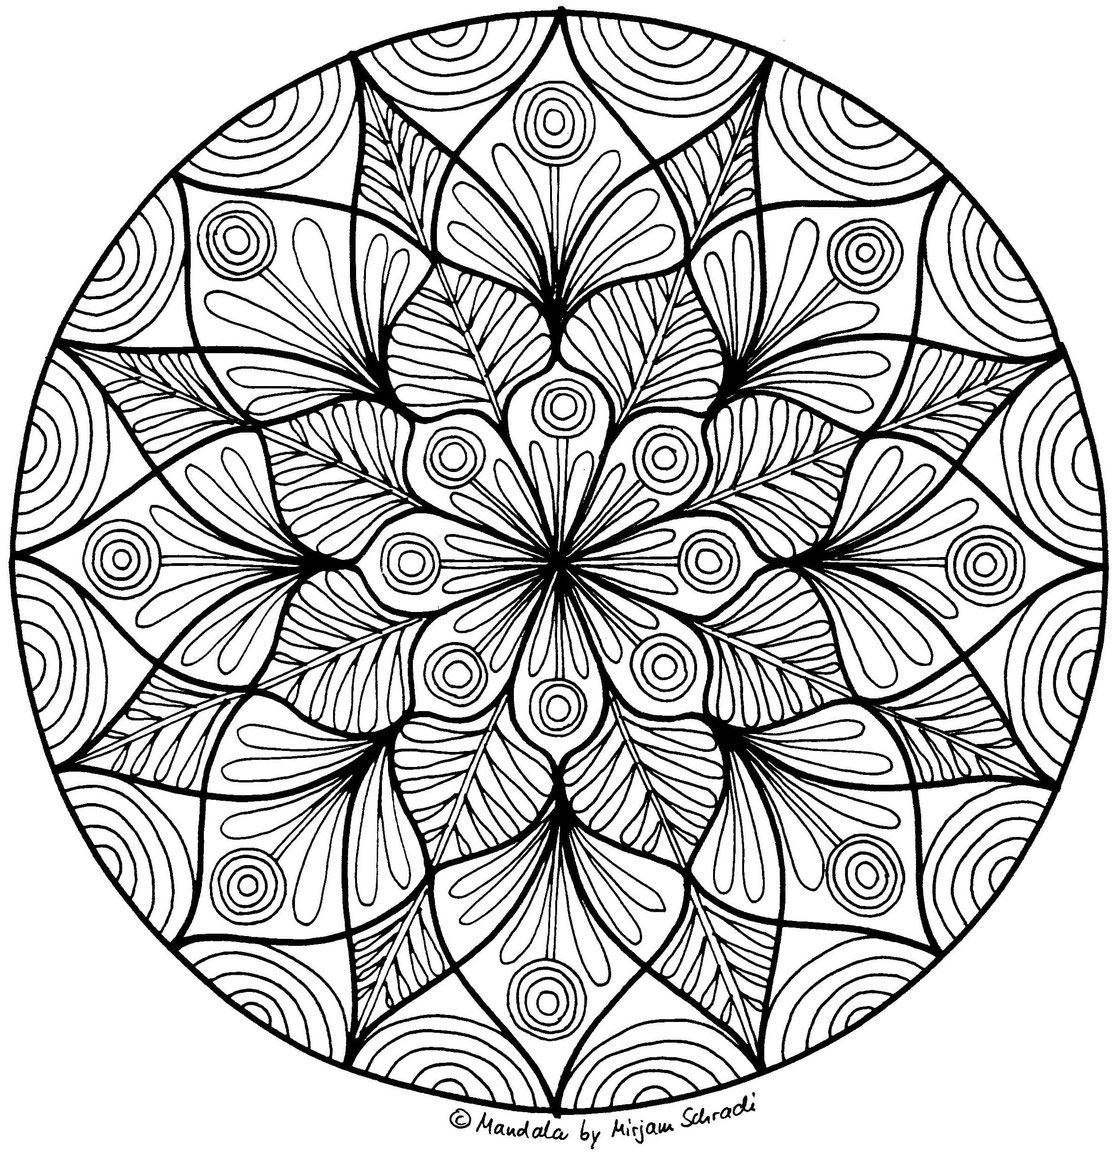 Pin Auf Mandalas Zum Ausdrucken Für Kinder + Erwachsene mit Mandala Zum Ausdrucken Für Erwachsene